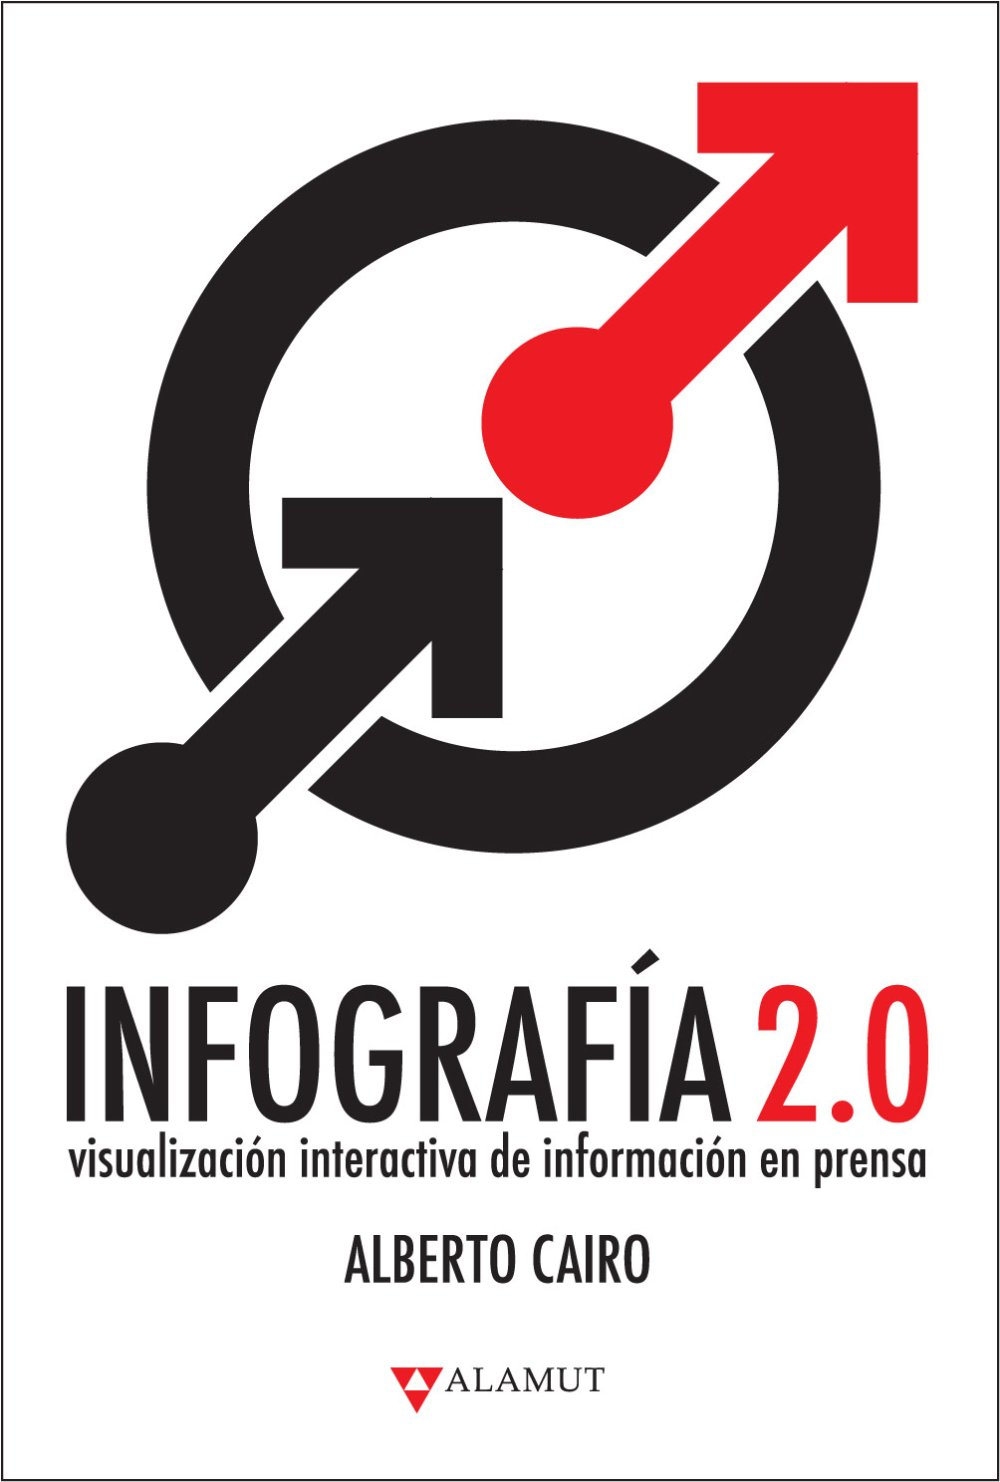 Infografía 2.0: visualización interactiva de información en prensa